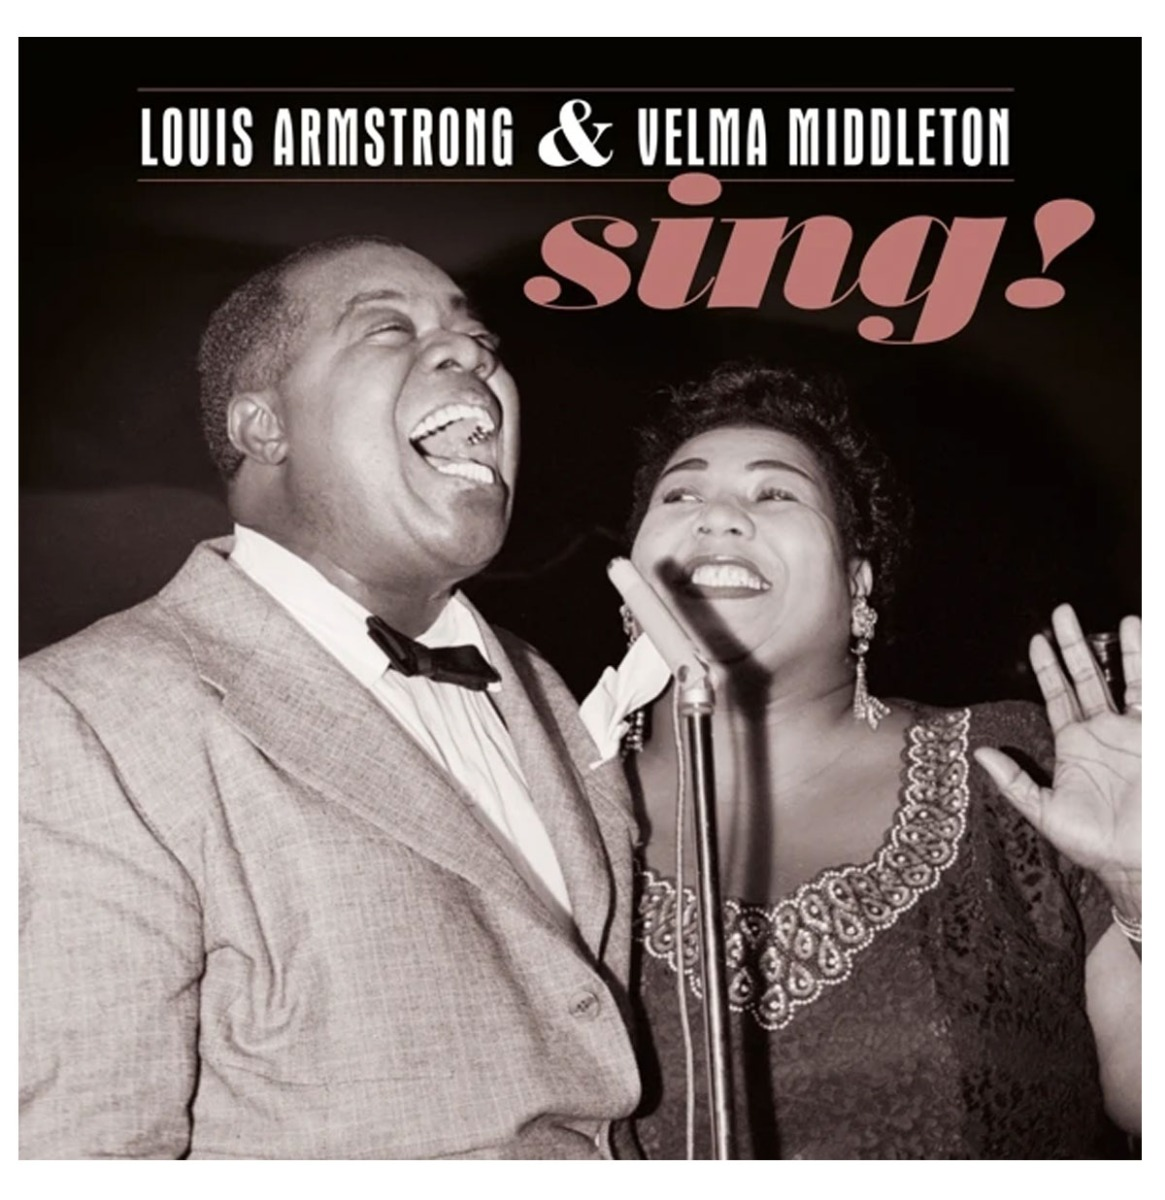 Louis Armstrong & Velma Middleton - Sing! LP